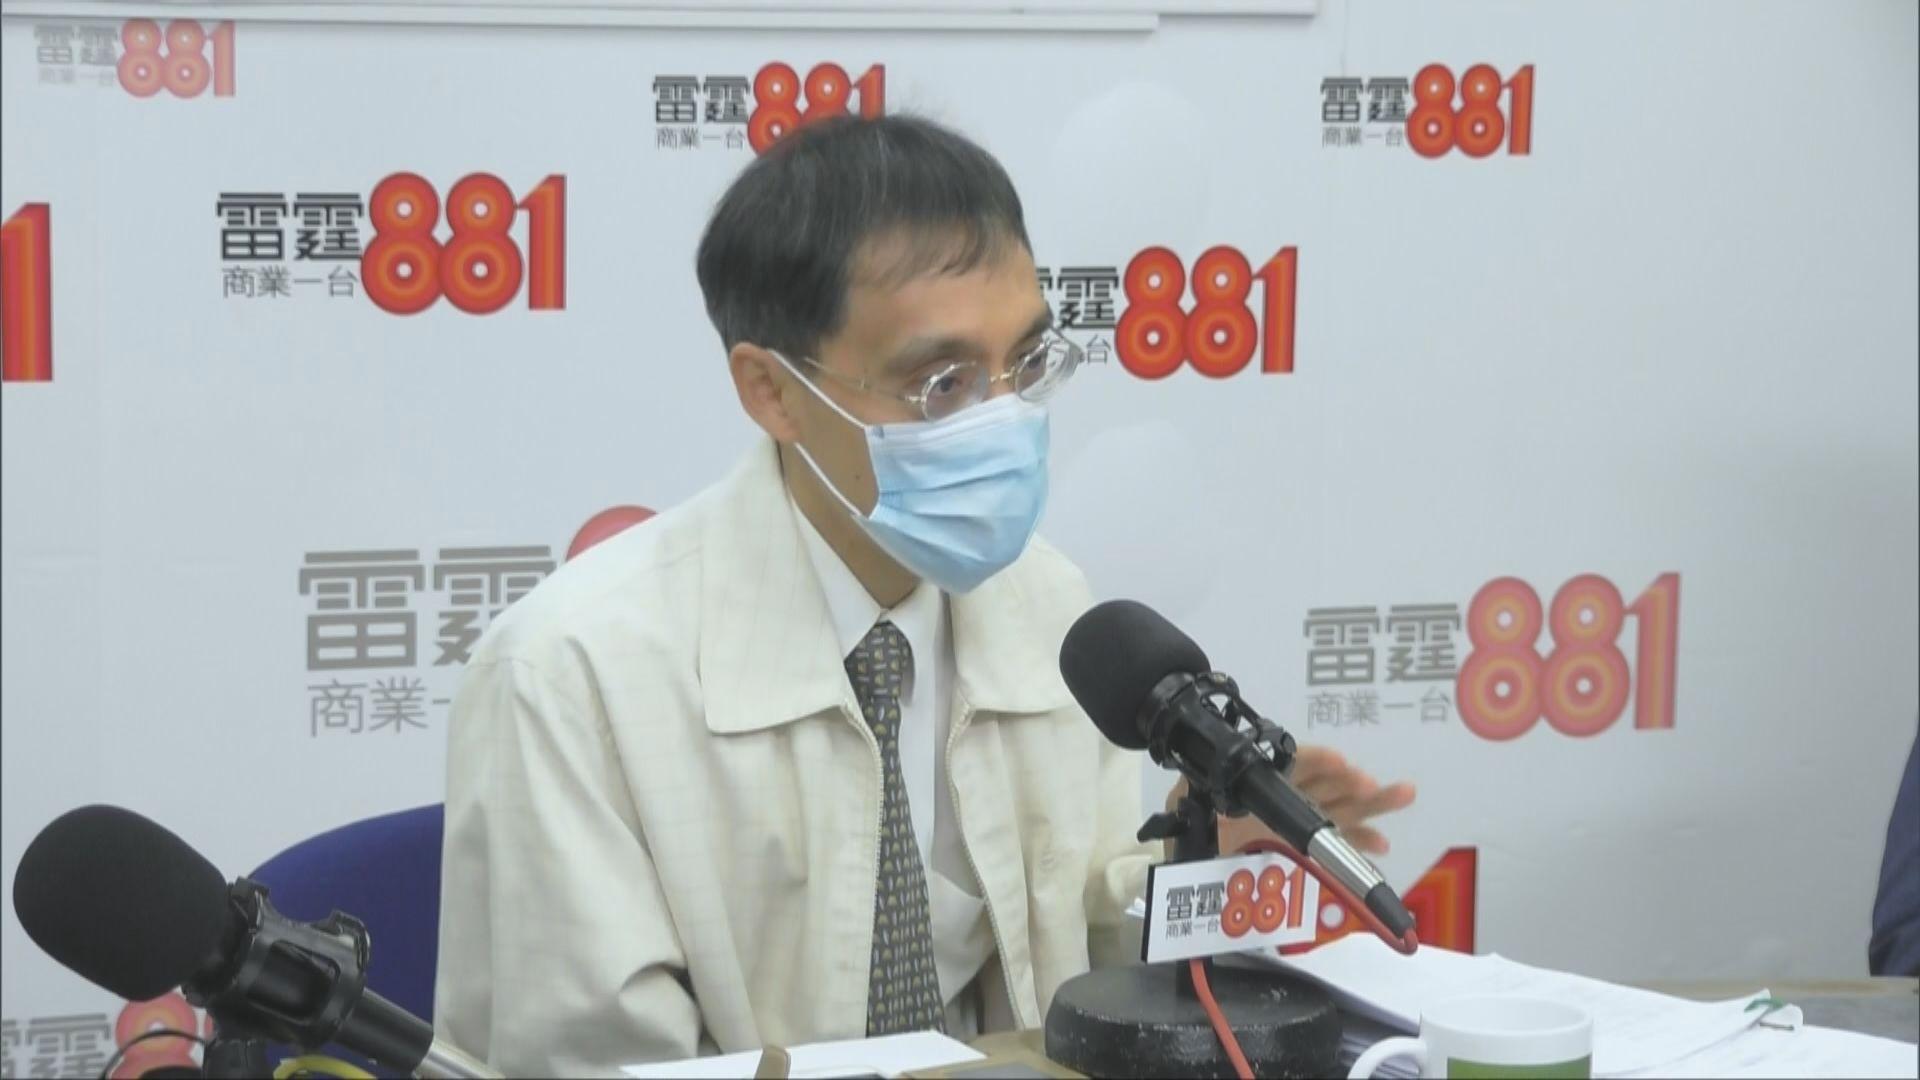 陳弘毅:警方拘捕行動非港區國安法最終解釋